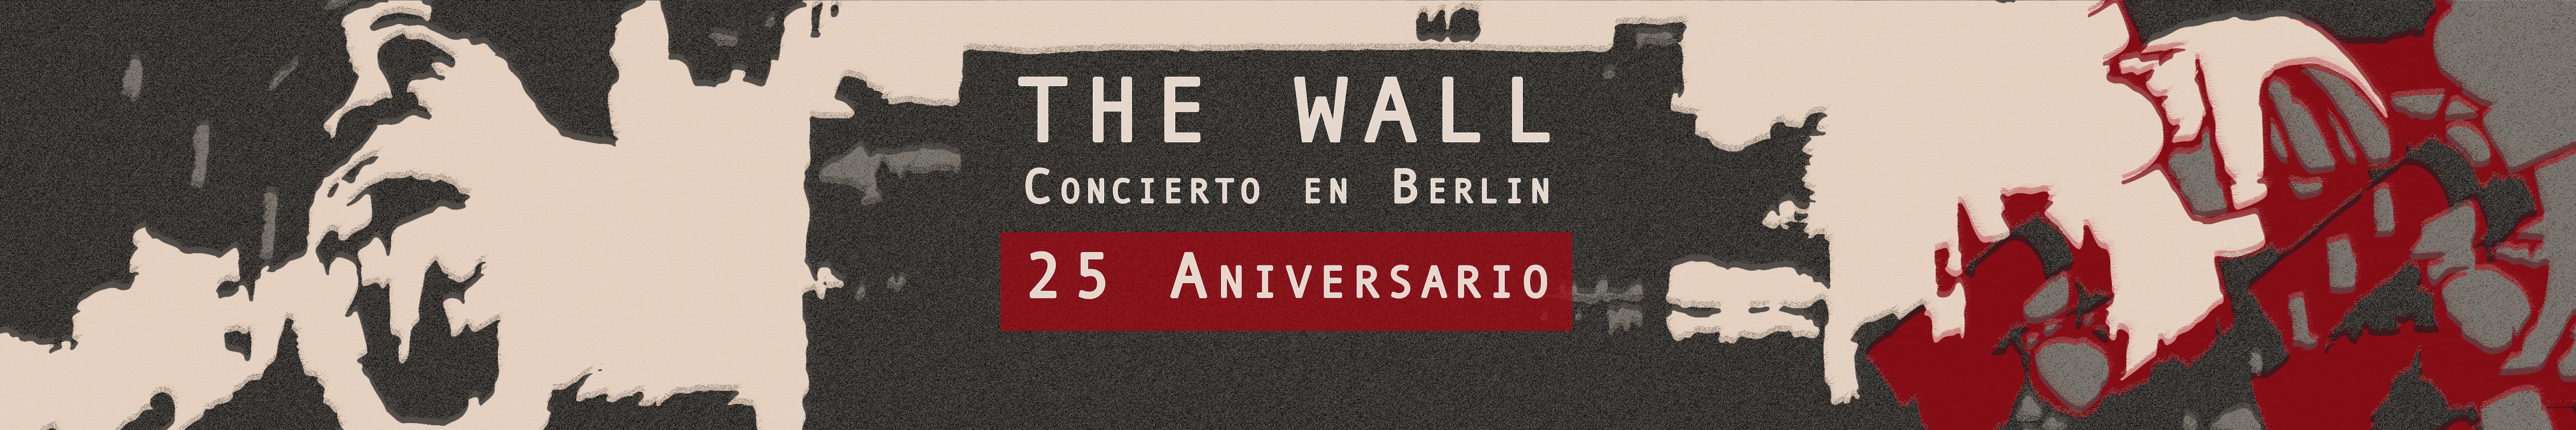 Ilustración con elementos del concierto de 1990